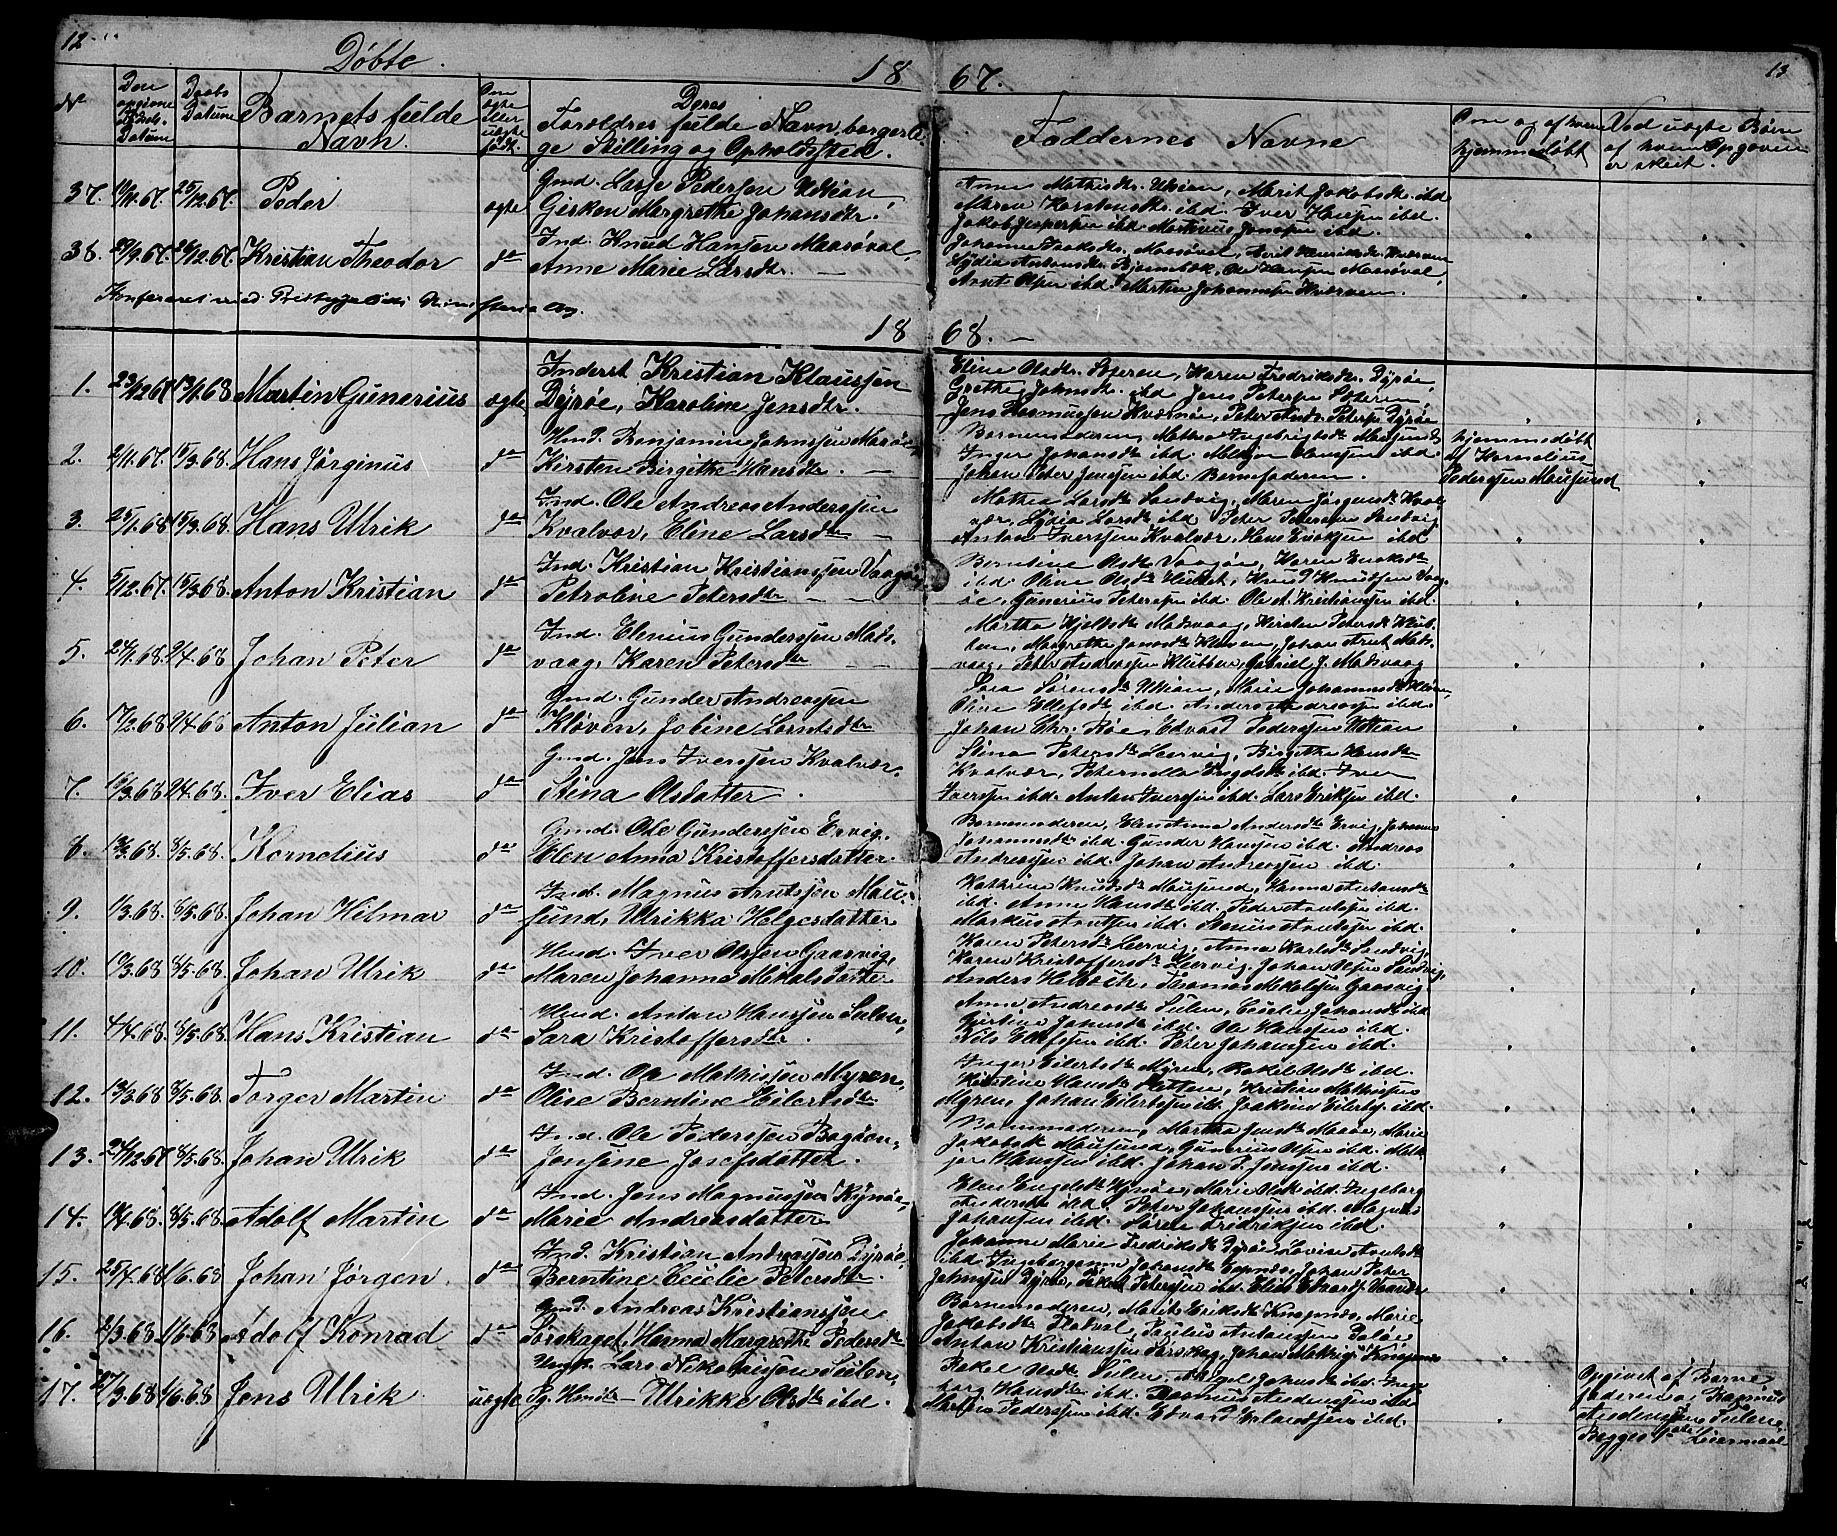 SAT, Ministerialprotokoller, klokkerbøker og fødselsregistre - Sør-Trøndelag, 640/L0583: Klokkerbok nr. 640C01, 1866-1877, s. 12-13